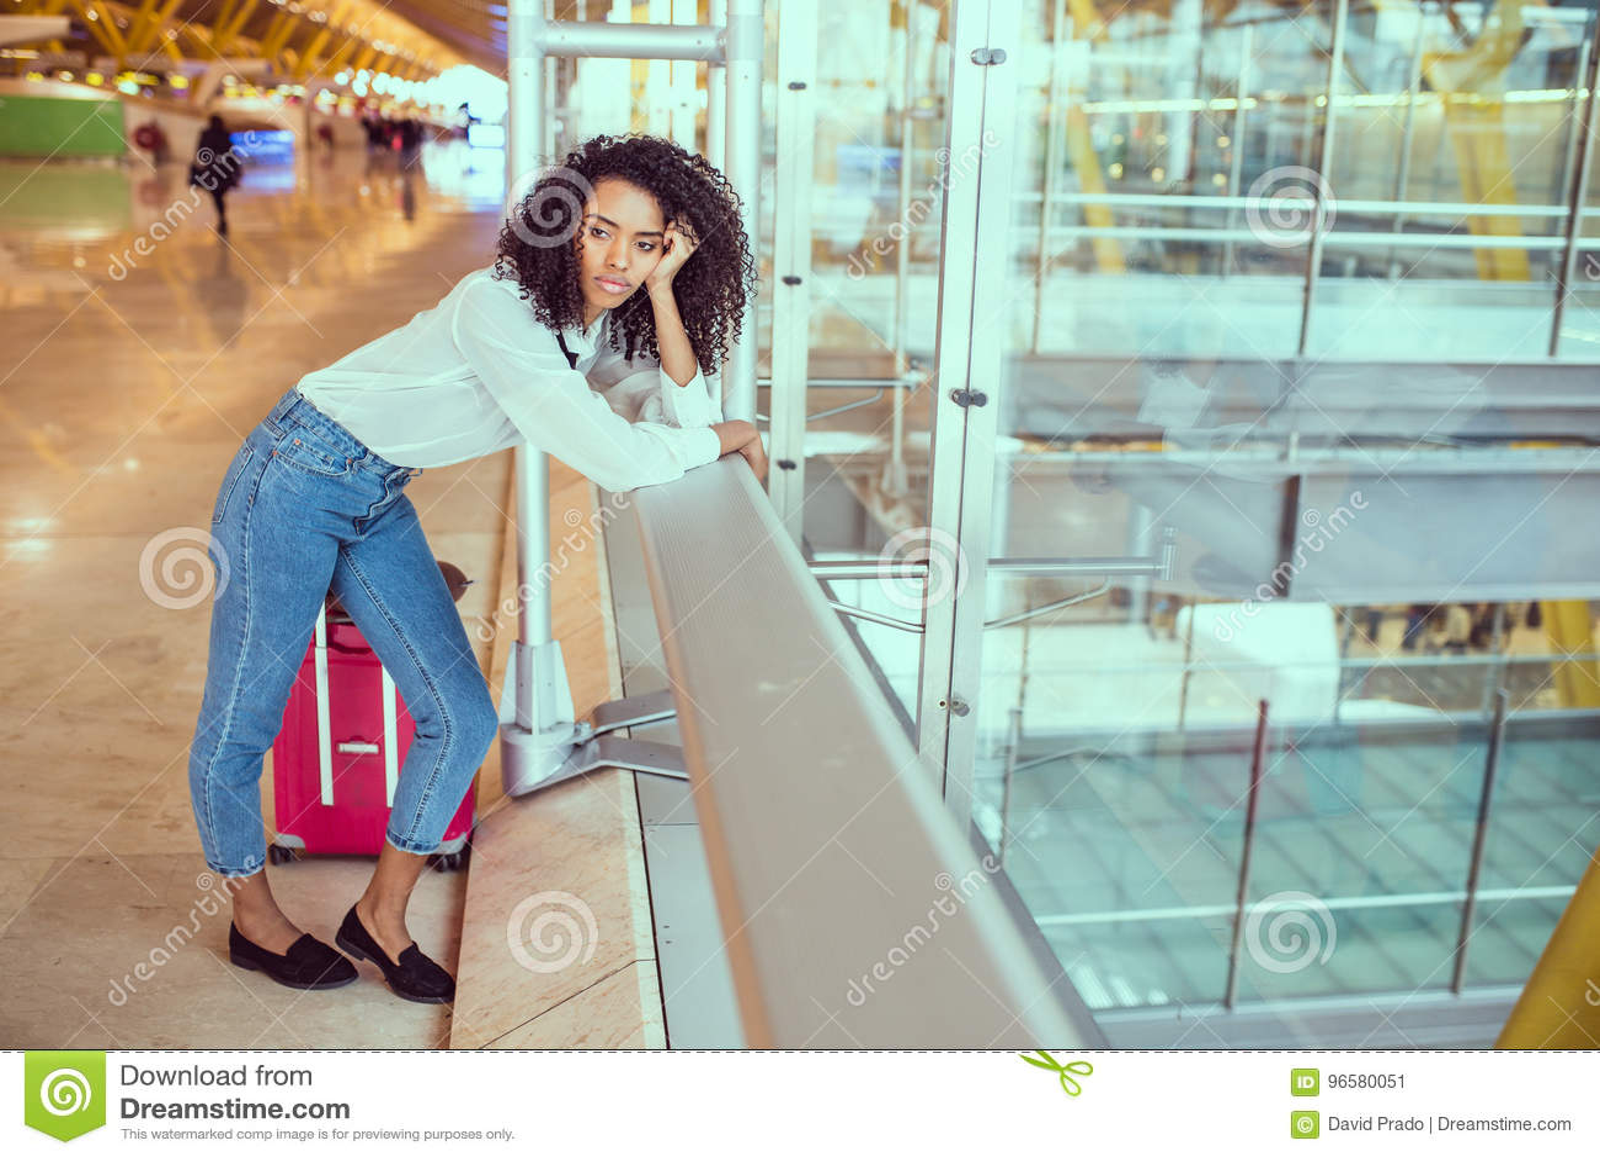 Mulher triste e infeliz no aeroporto com o voo cancelado